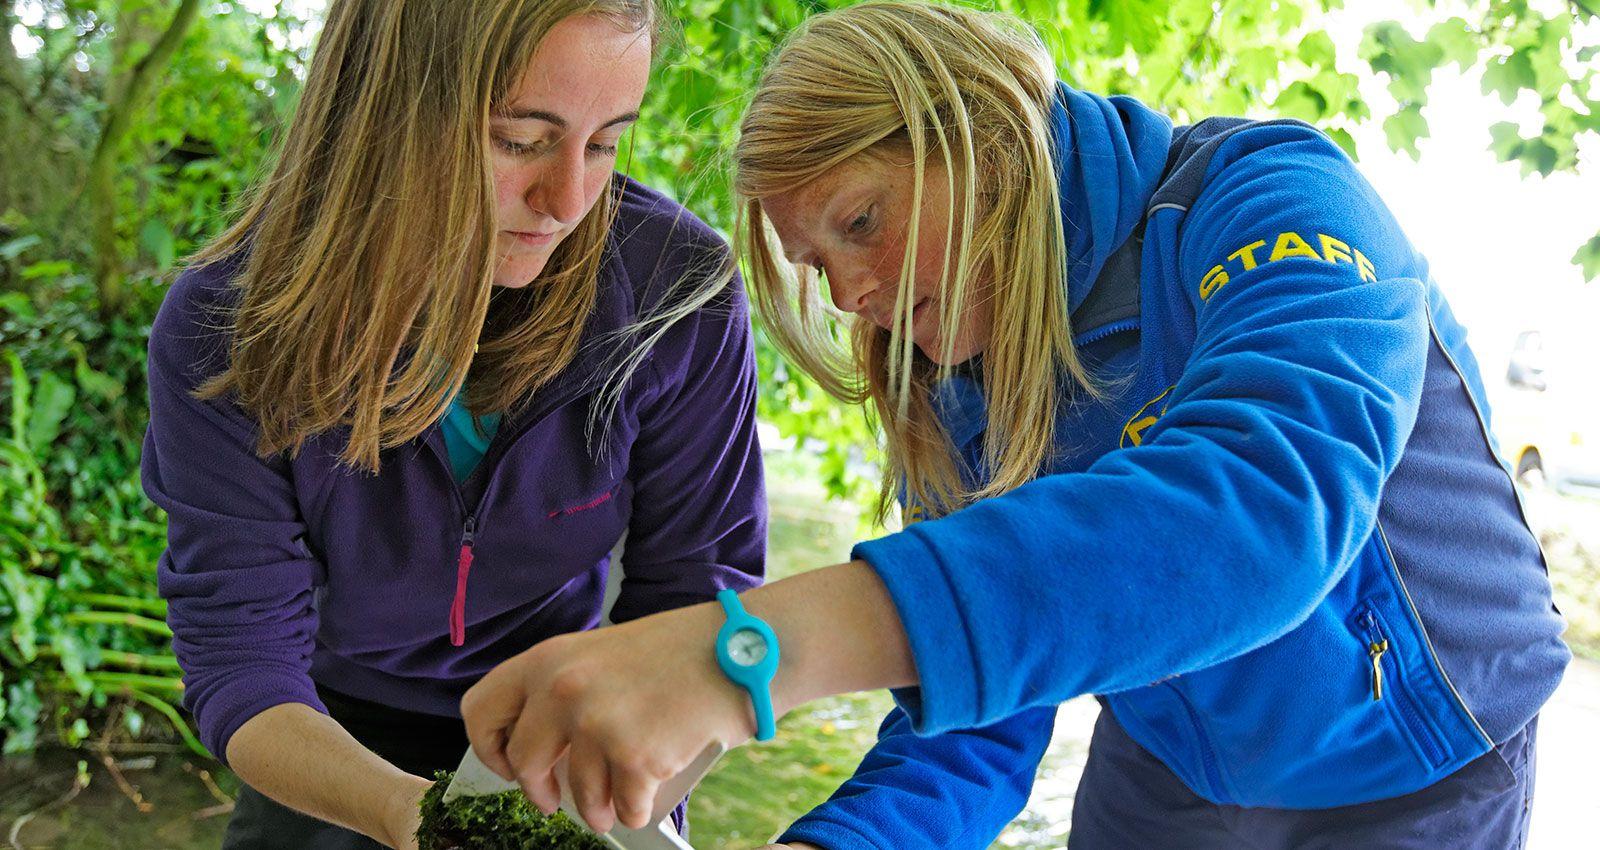 school fieldwork study Explore fieldwork opportunities on the map or search fieldwork using the form below program type (select all that apply): field school volunteer staff position.